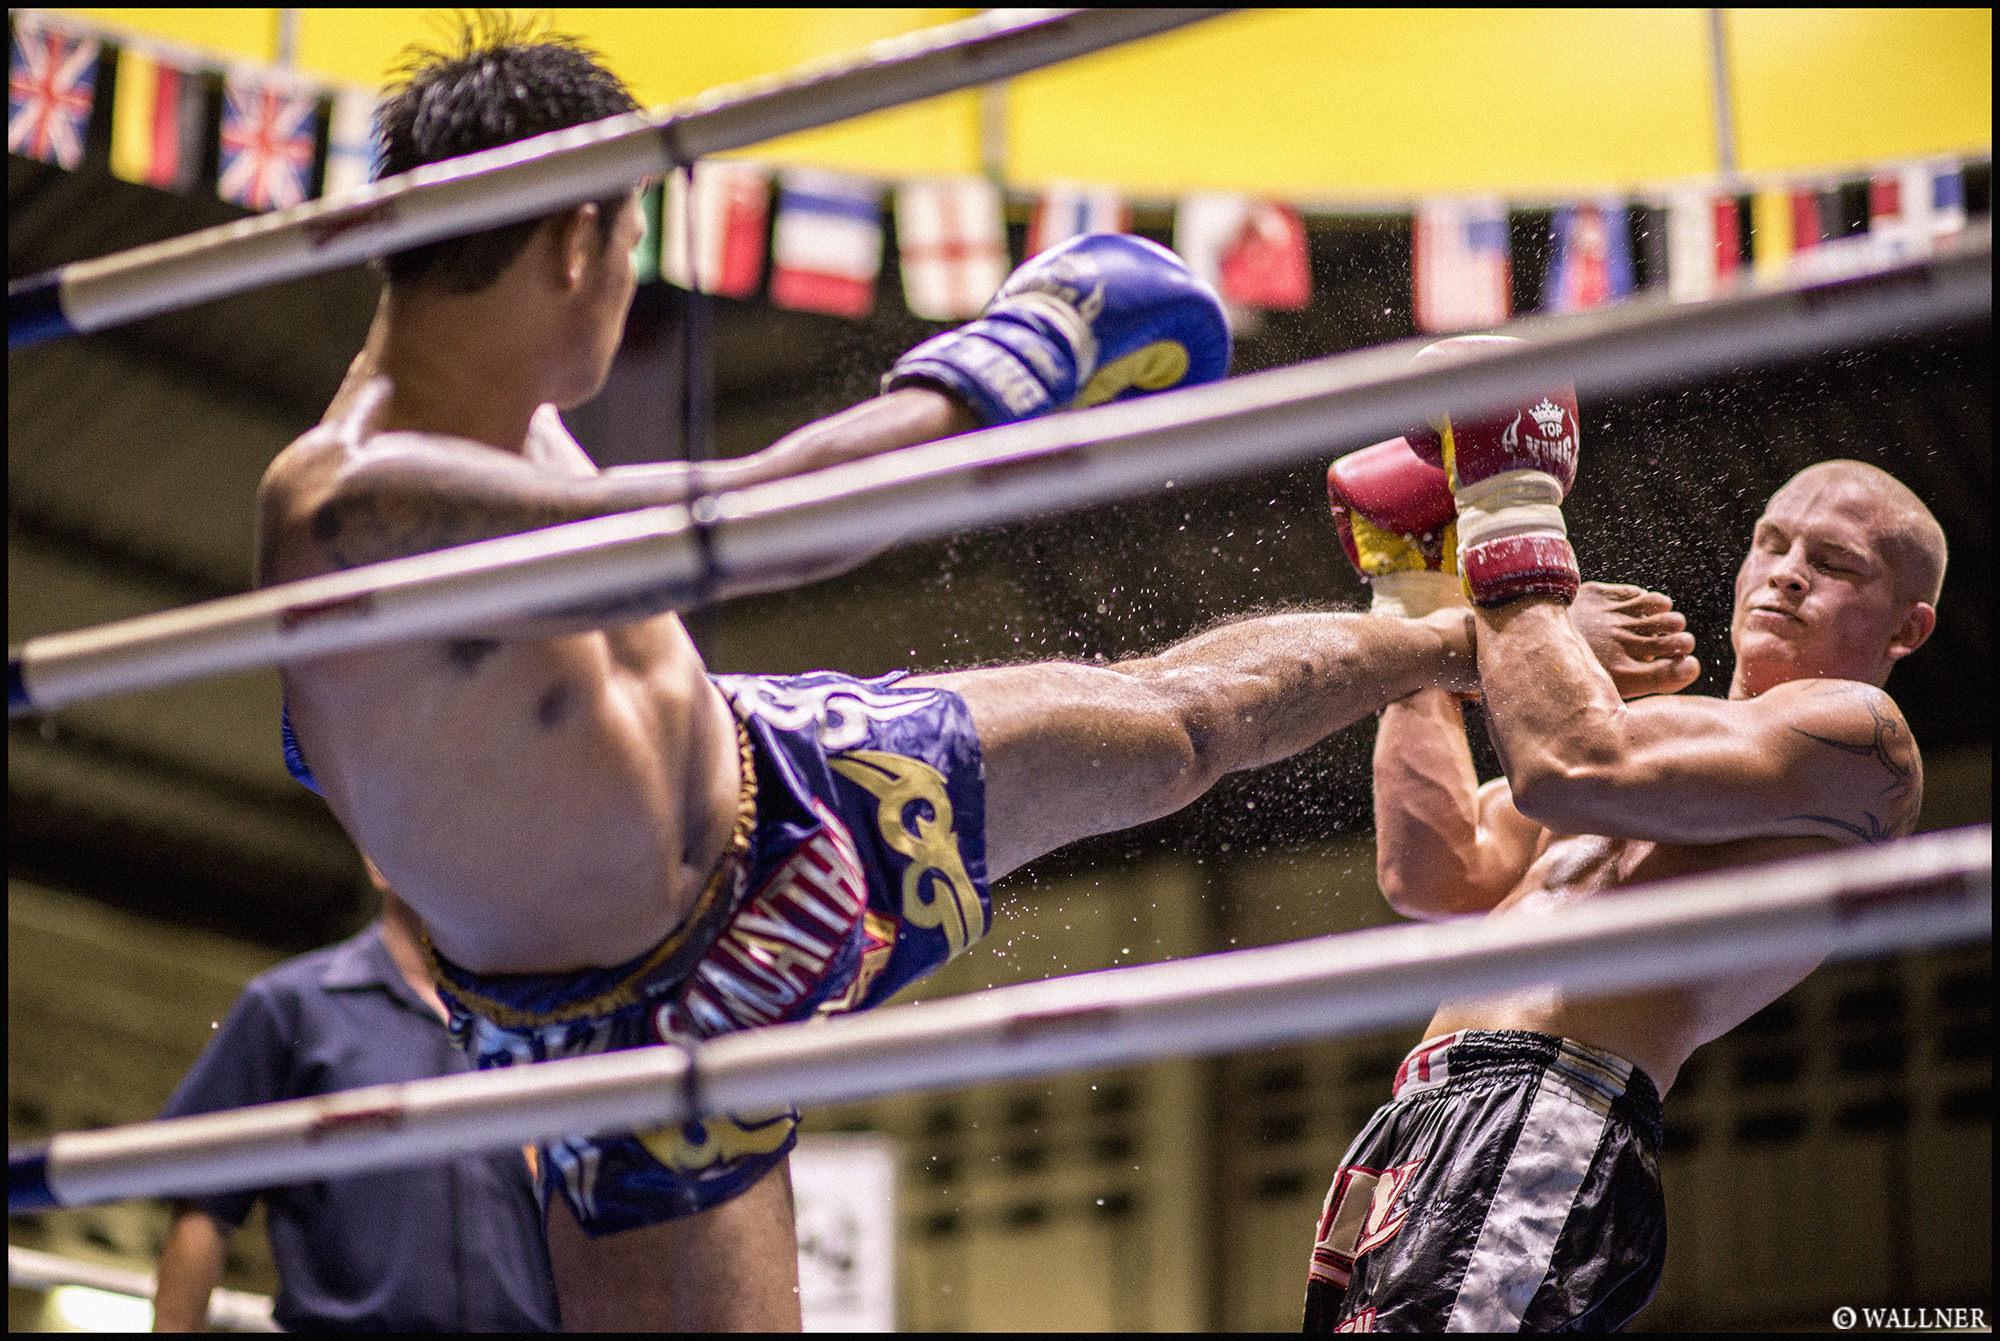 Digital Patrik Wallner Phuket Muay Thai Boxing LOWQ 2000P w WM